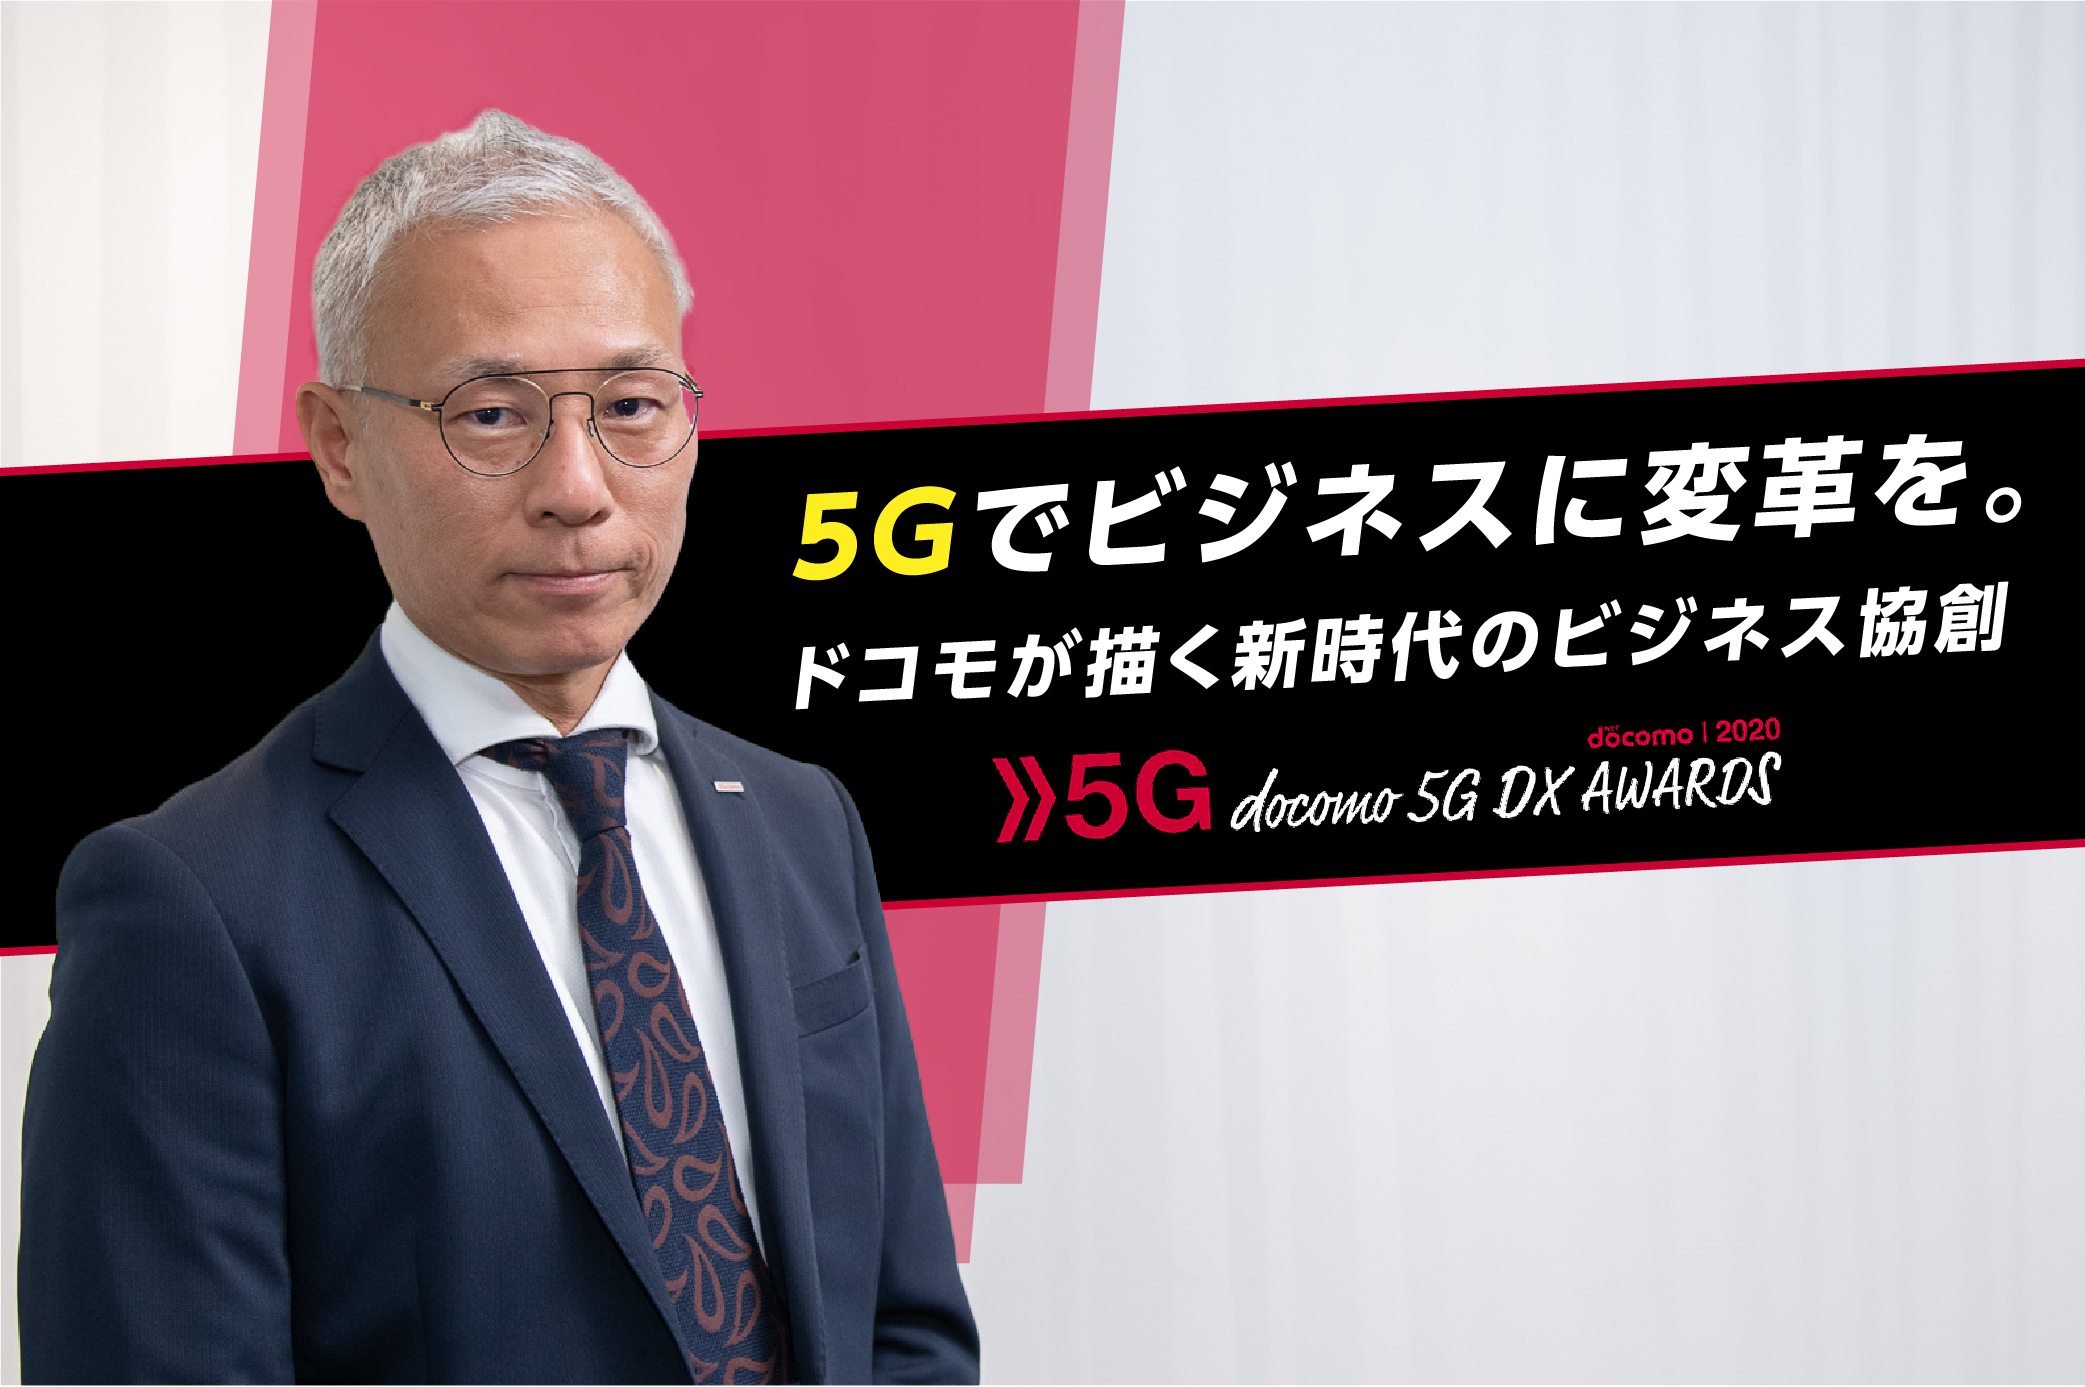 5Gでビジネスに変革を。ドコモが描く新時代のビジネス協創